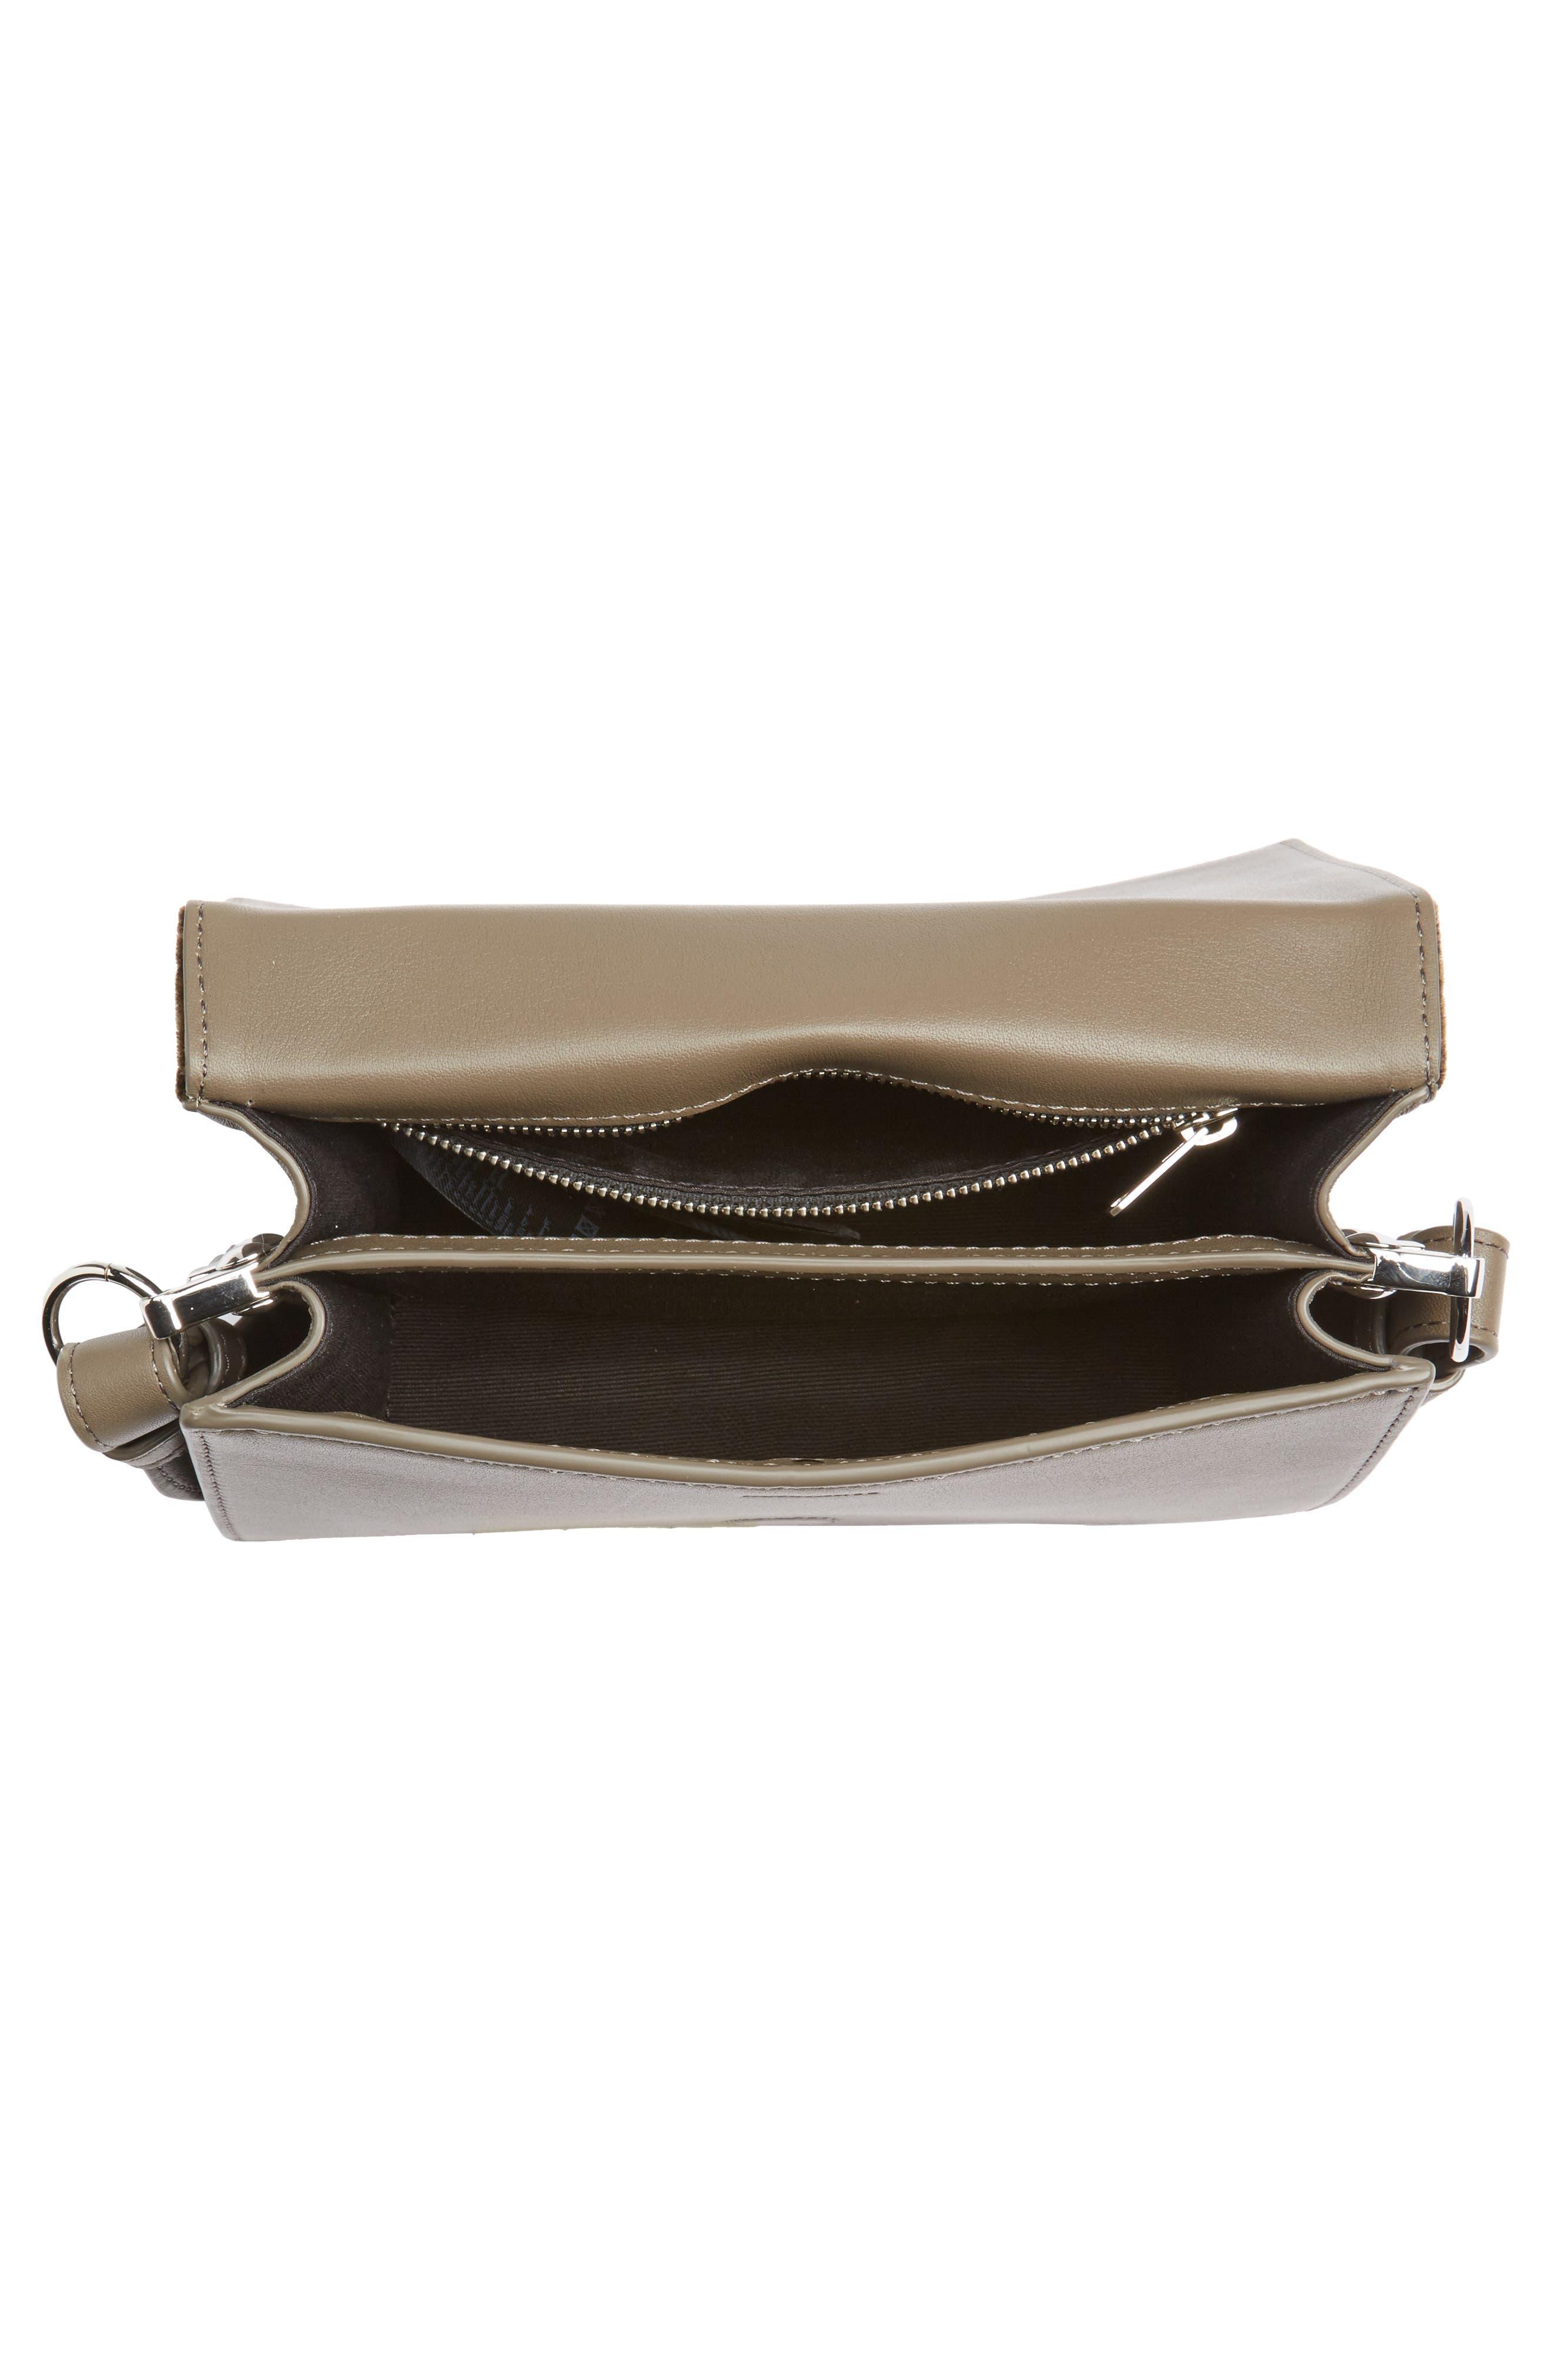 Keel Shoulder Bag,                             Alternate thumbnail 4, color,                             Mink Grey